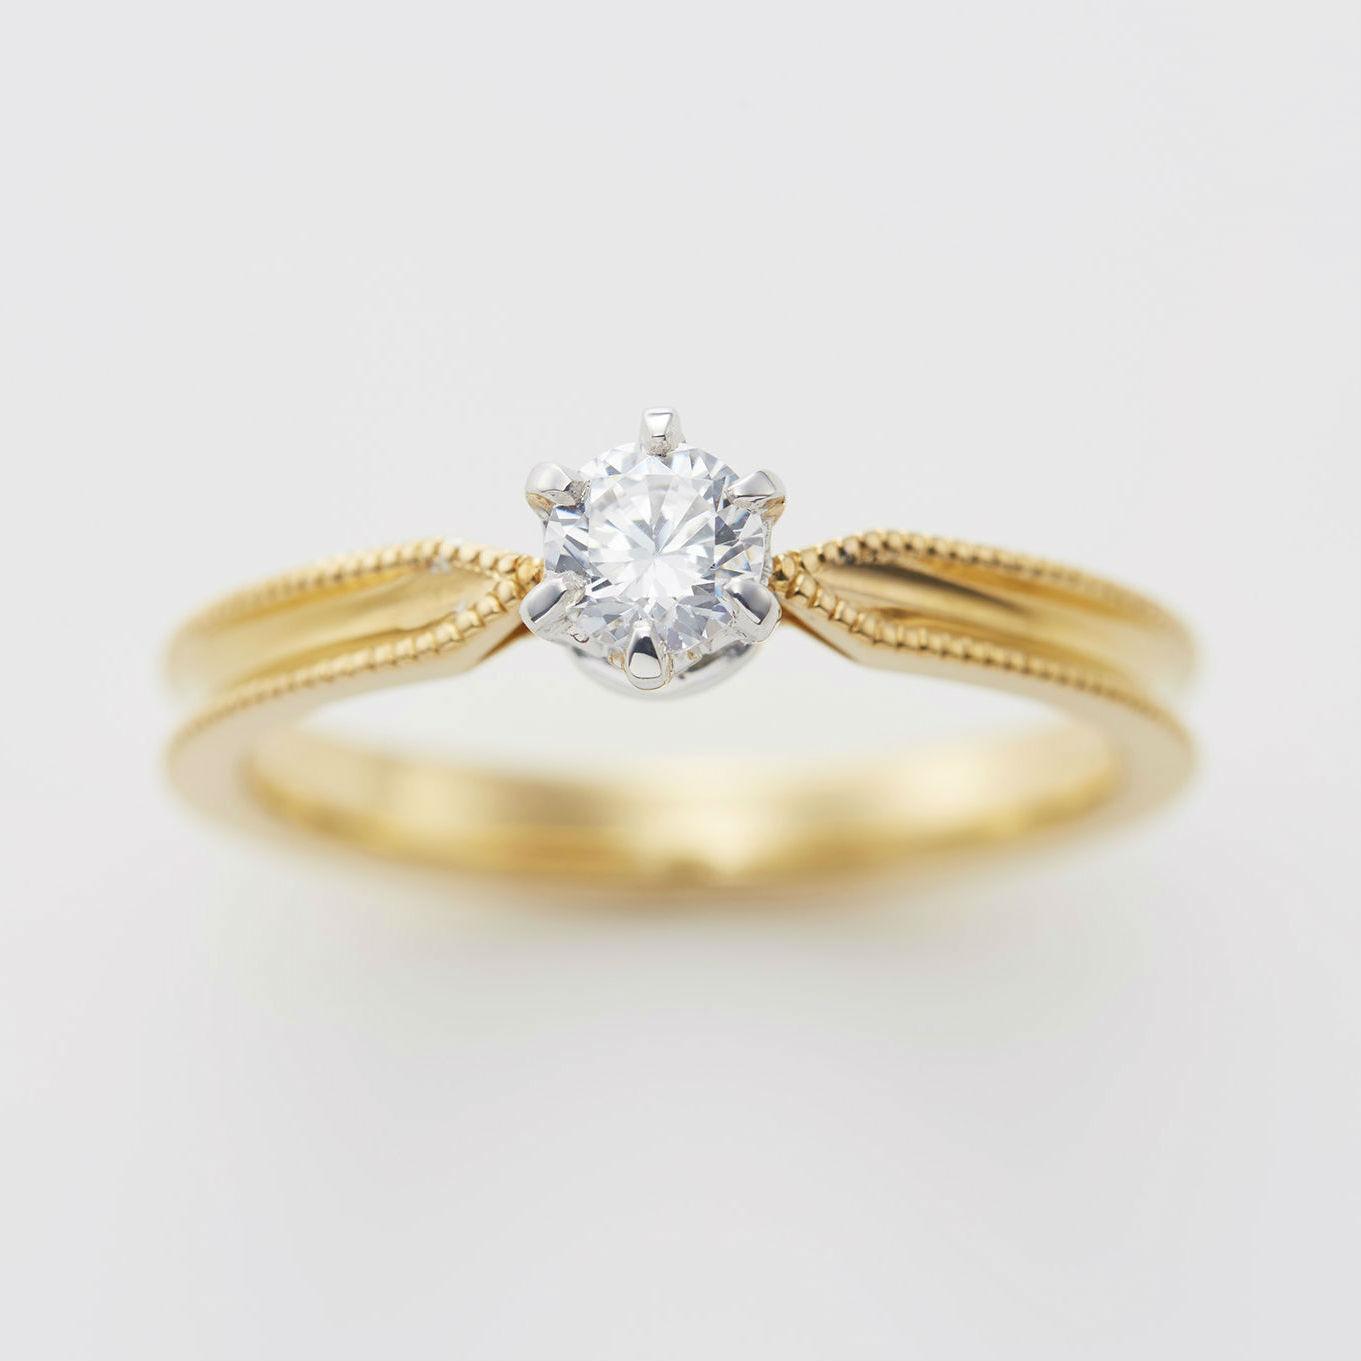 ミルグレイン(ミル打ち)を施したアンティークな婚約指輪